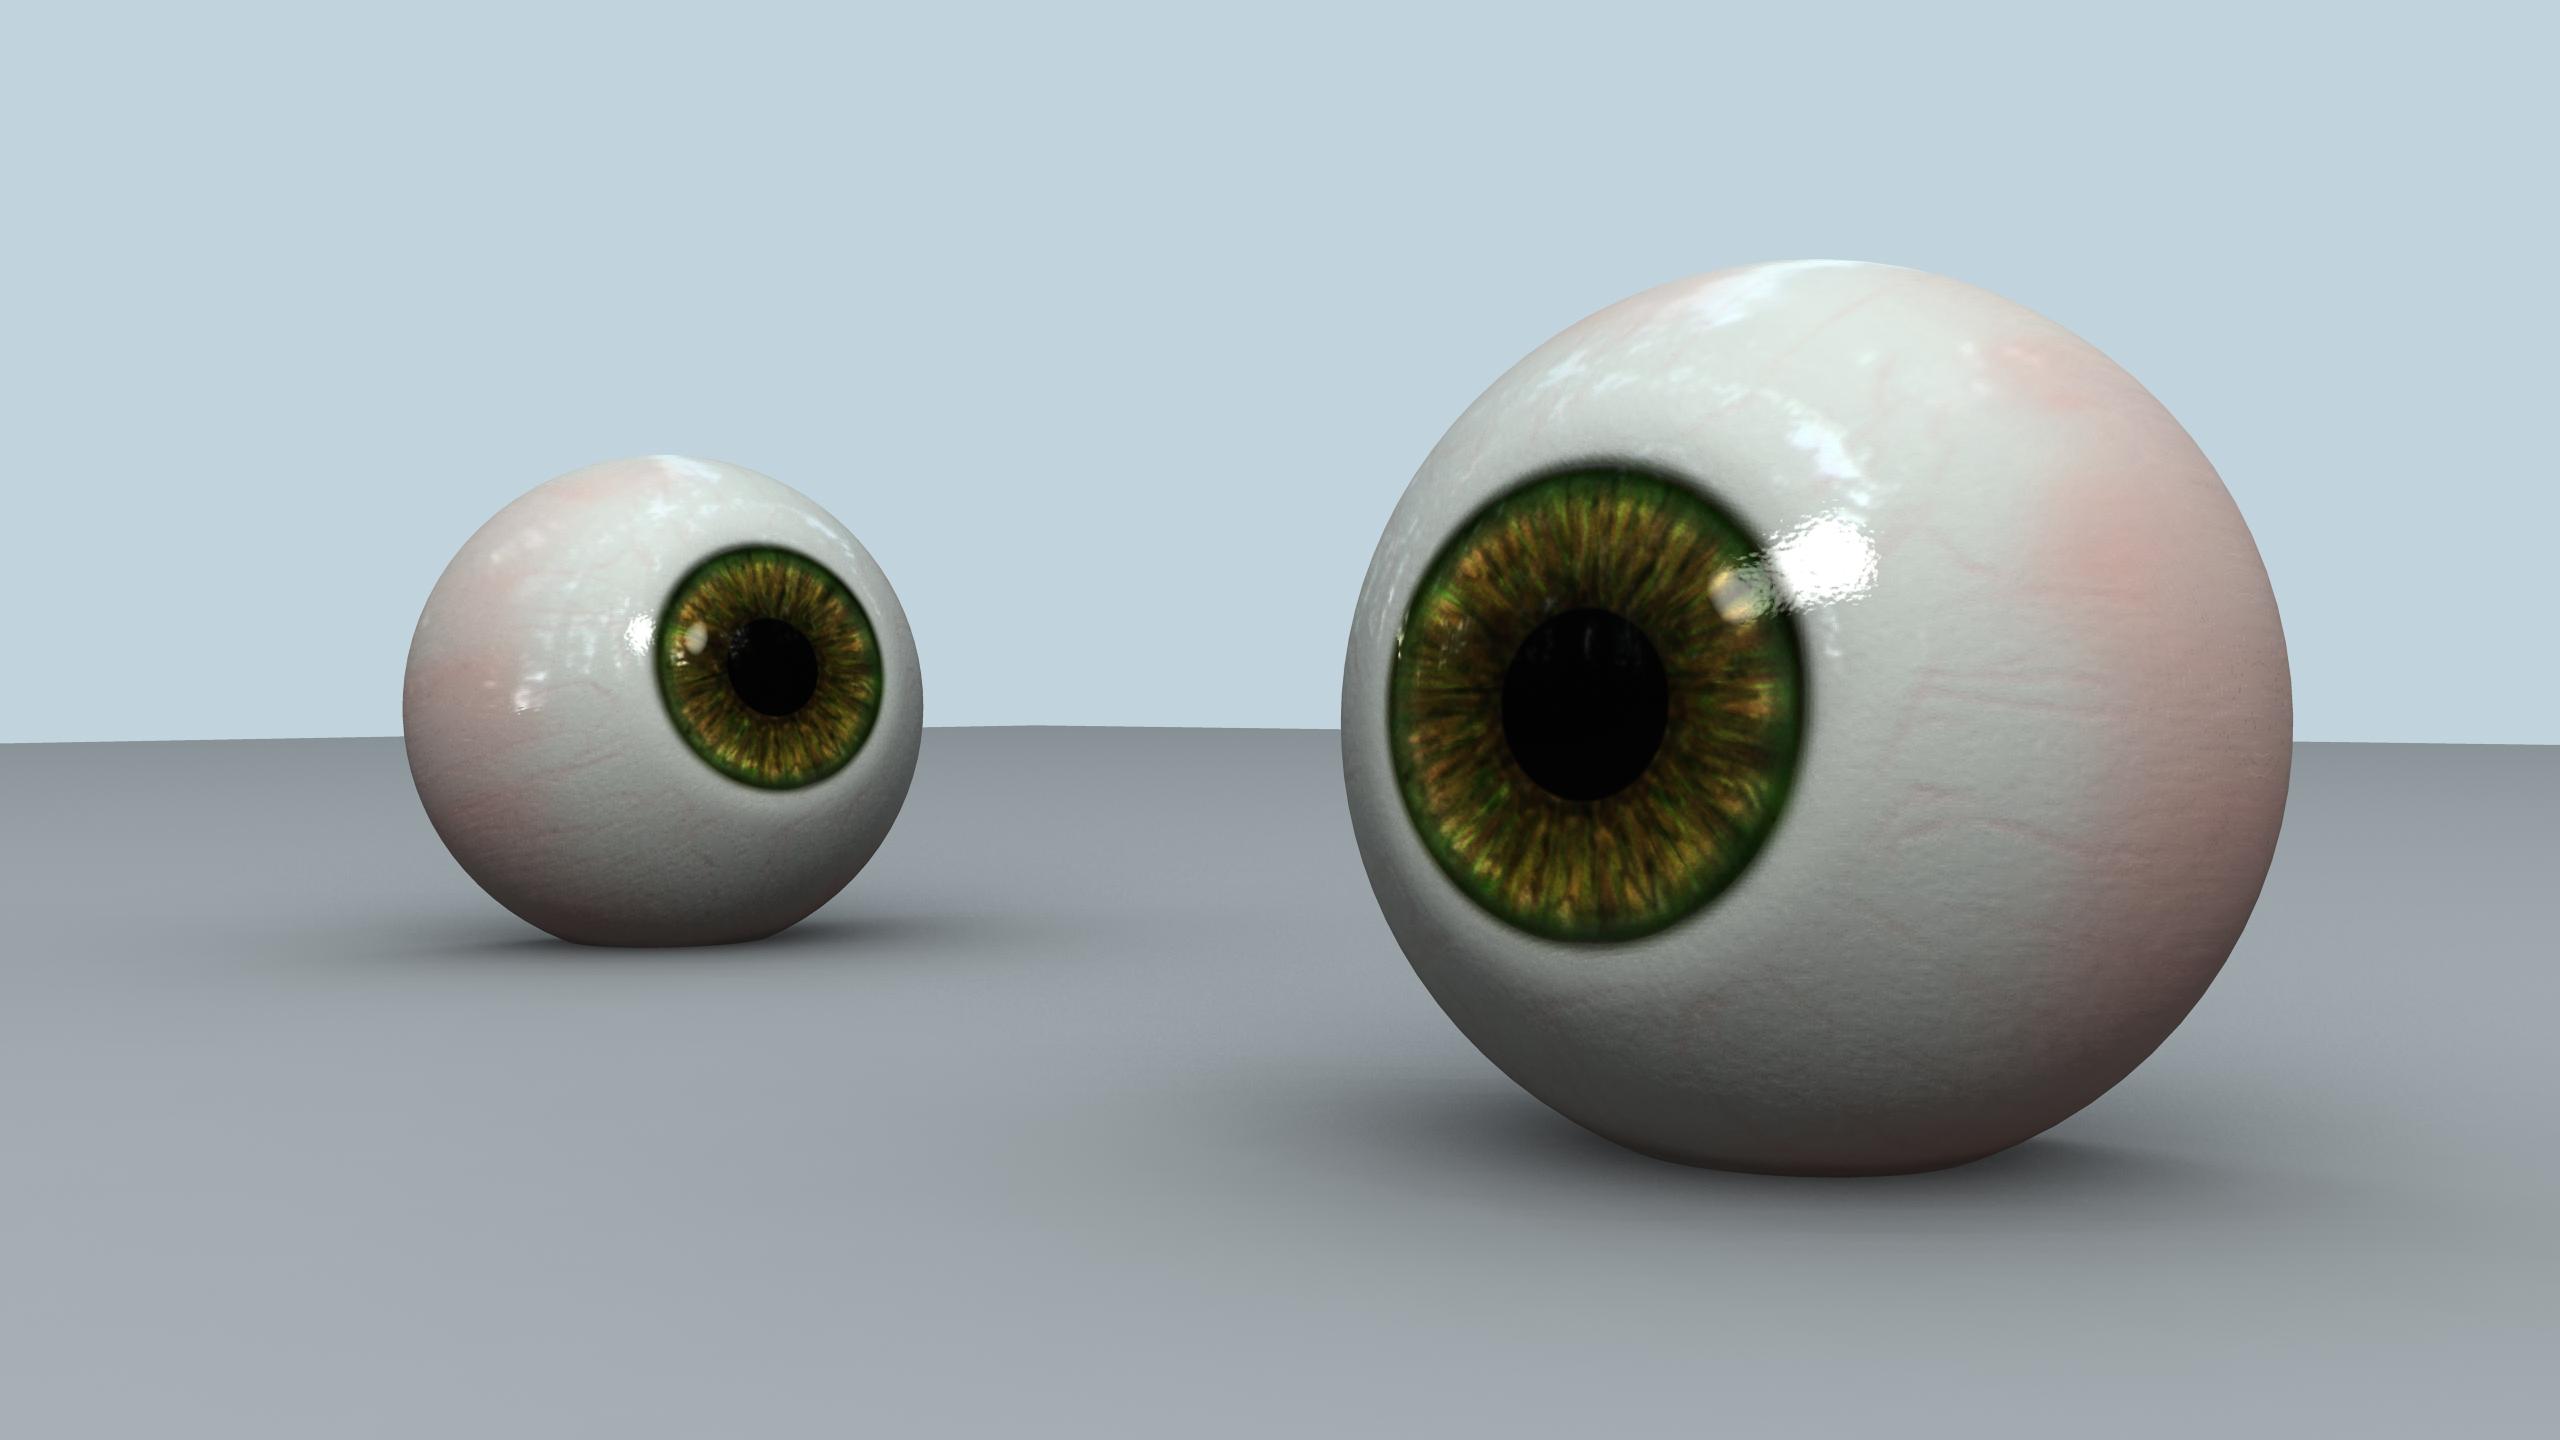 Creating Realistic Eyes in Maya 2011 Maya Tutorial in Shading and Texturing - Simply Maya 3D